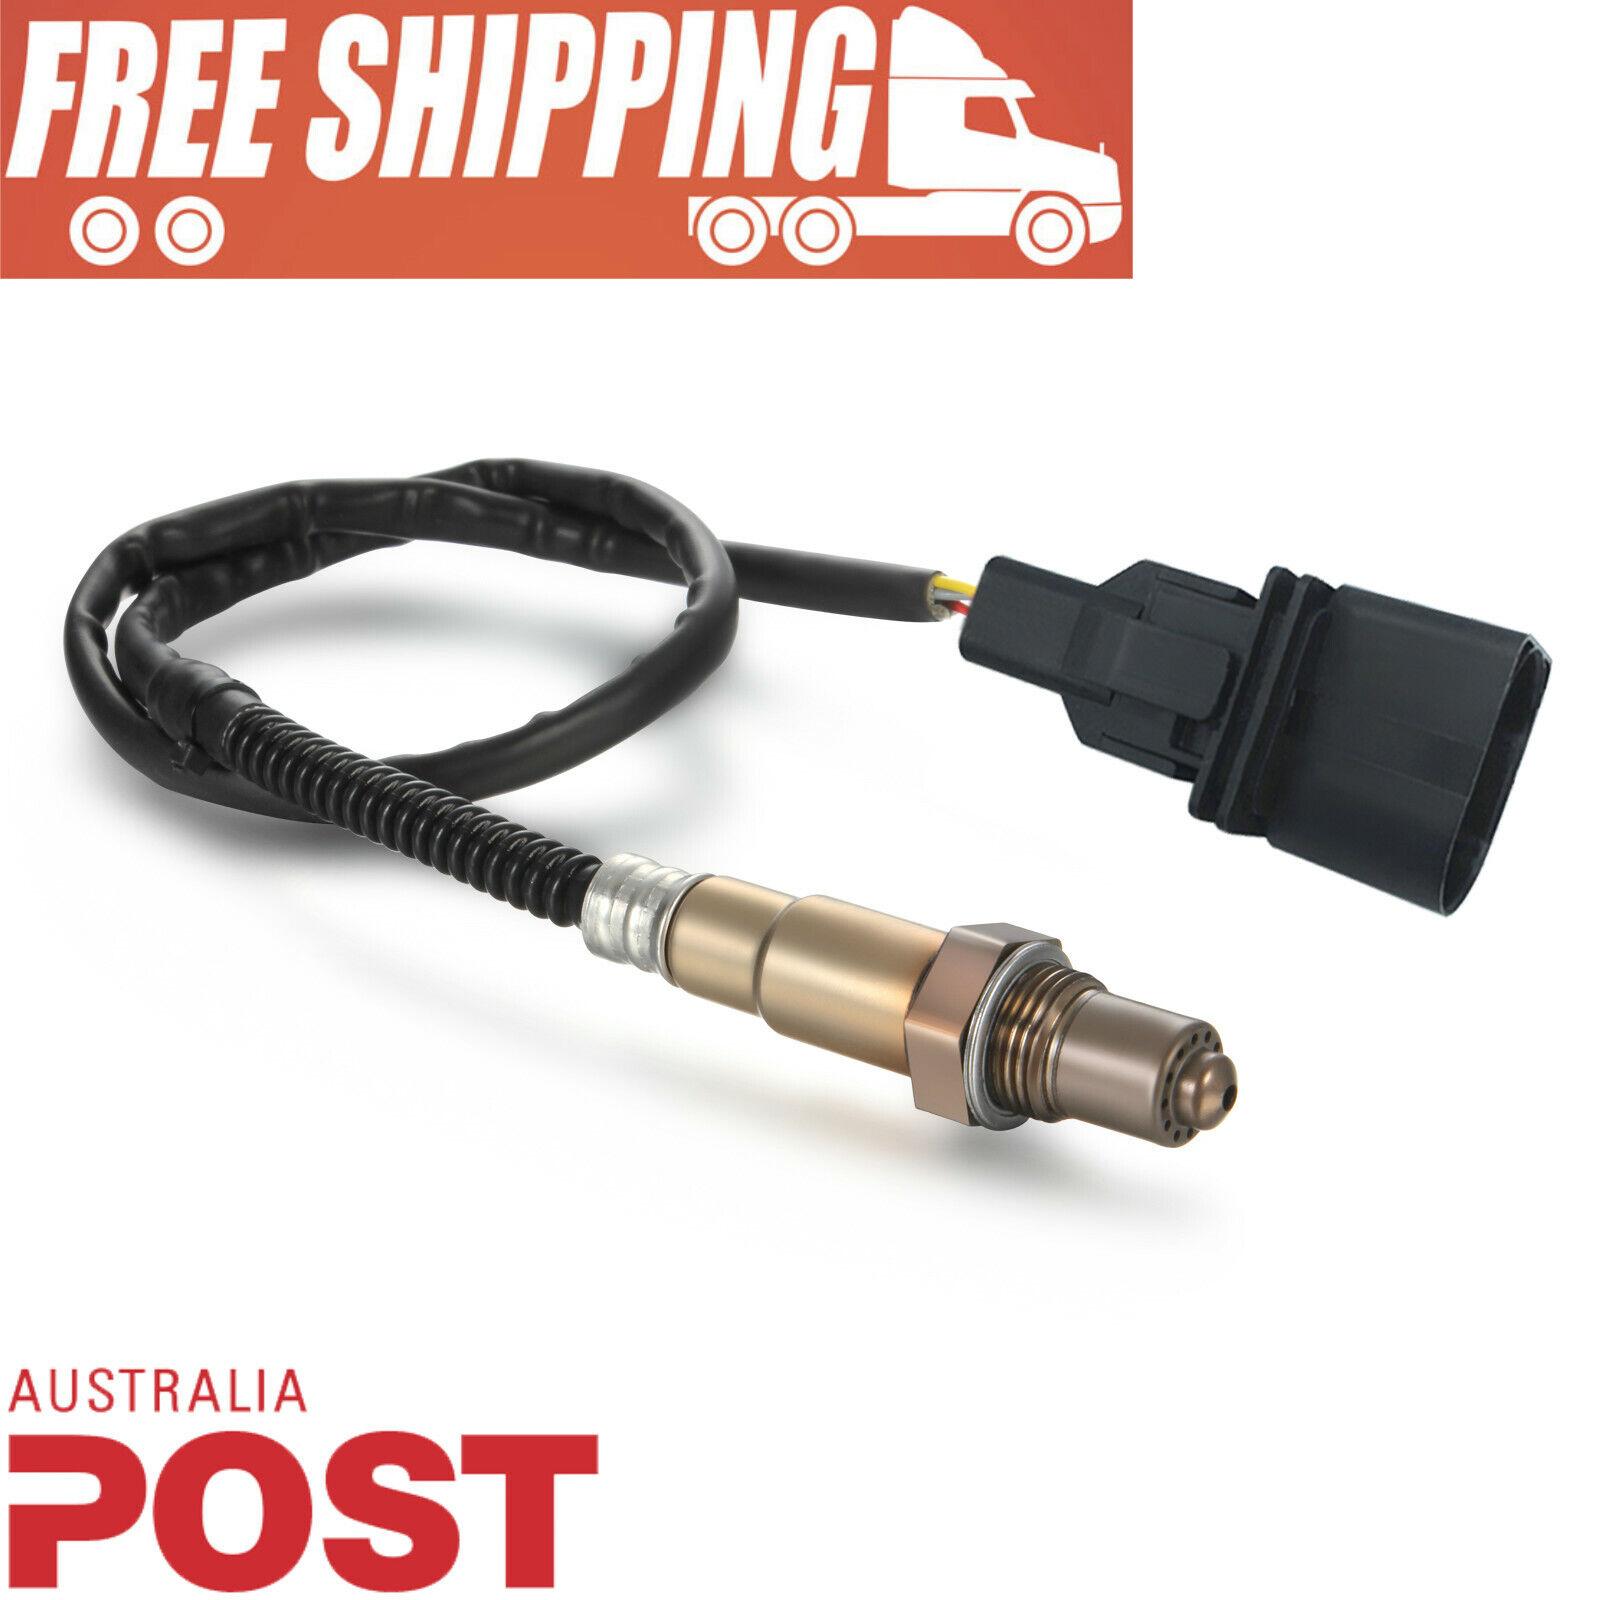 2 x O2 Oxygen Sensor For Holden Colorado HFV6 3.6L V6 5 Wire pre cat